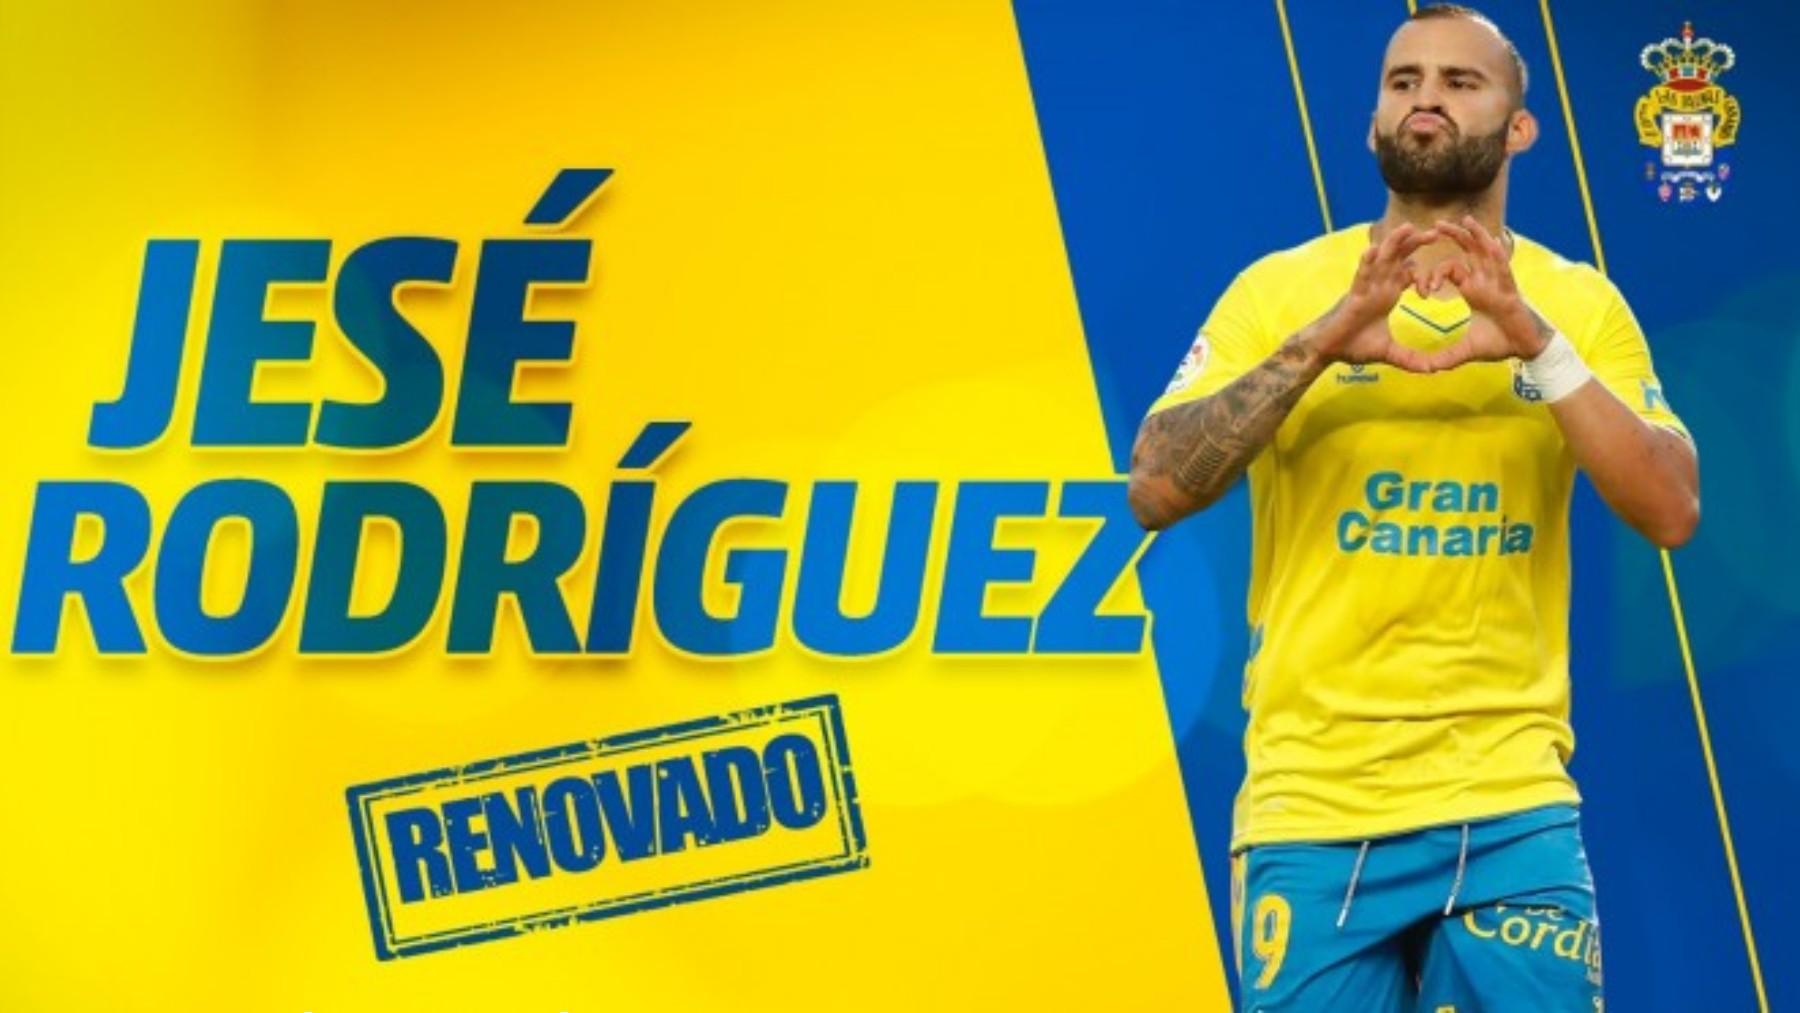 La UD Las Palmas anuncia la renovación de Jesé Rodríguez por un año más. (udlaspalmas.es)